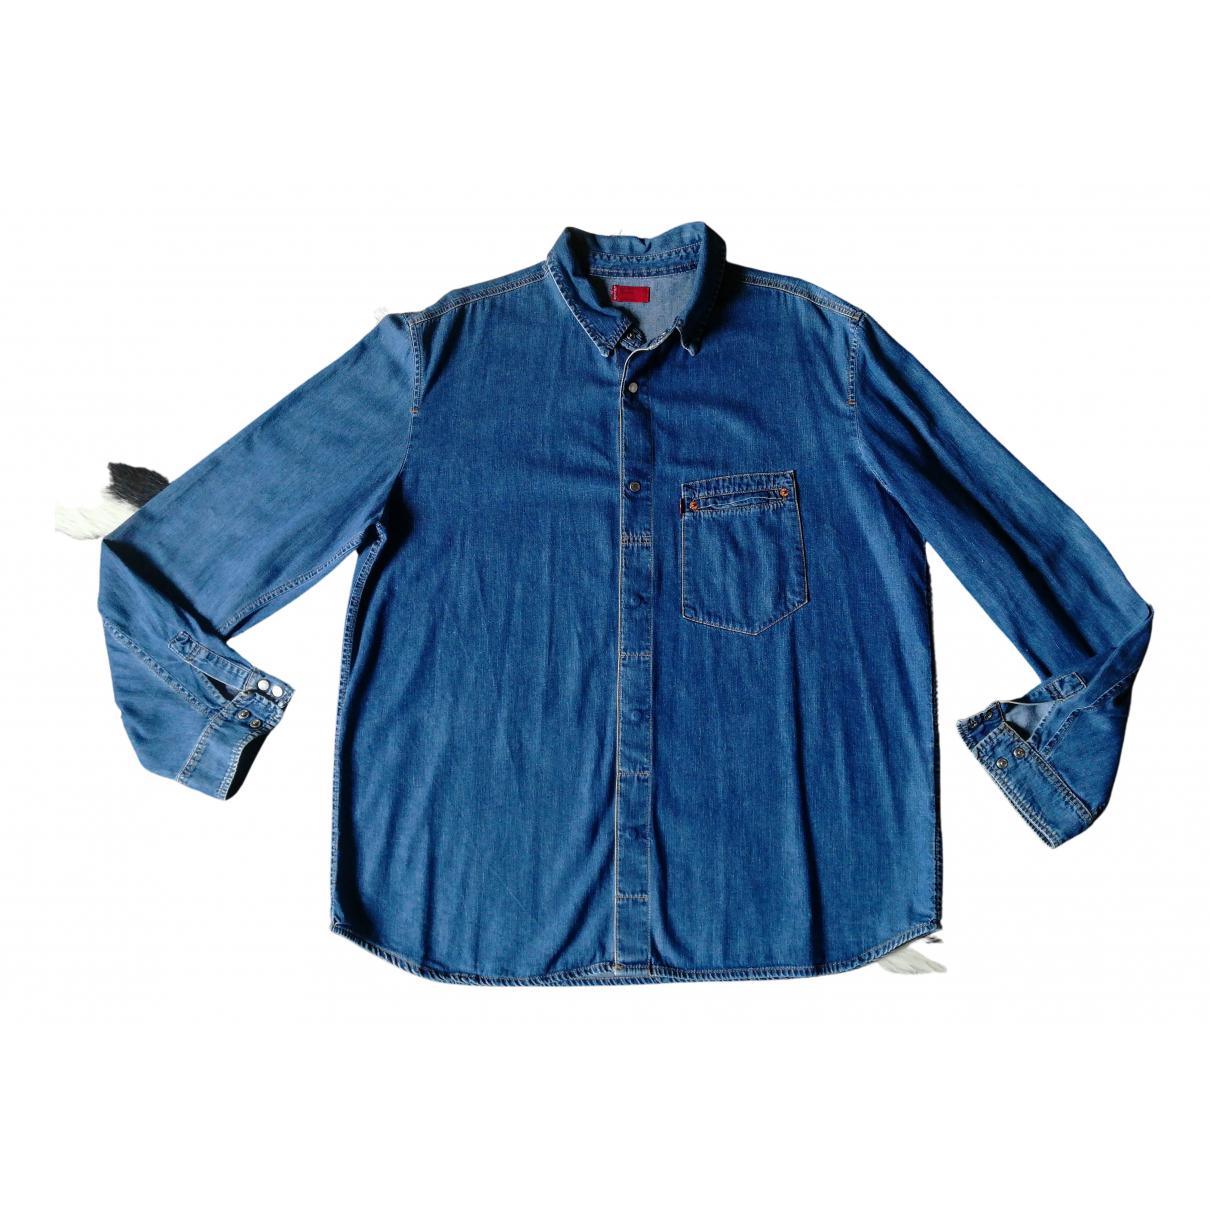 Levis - Chemises   pour homme en denim - bleu